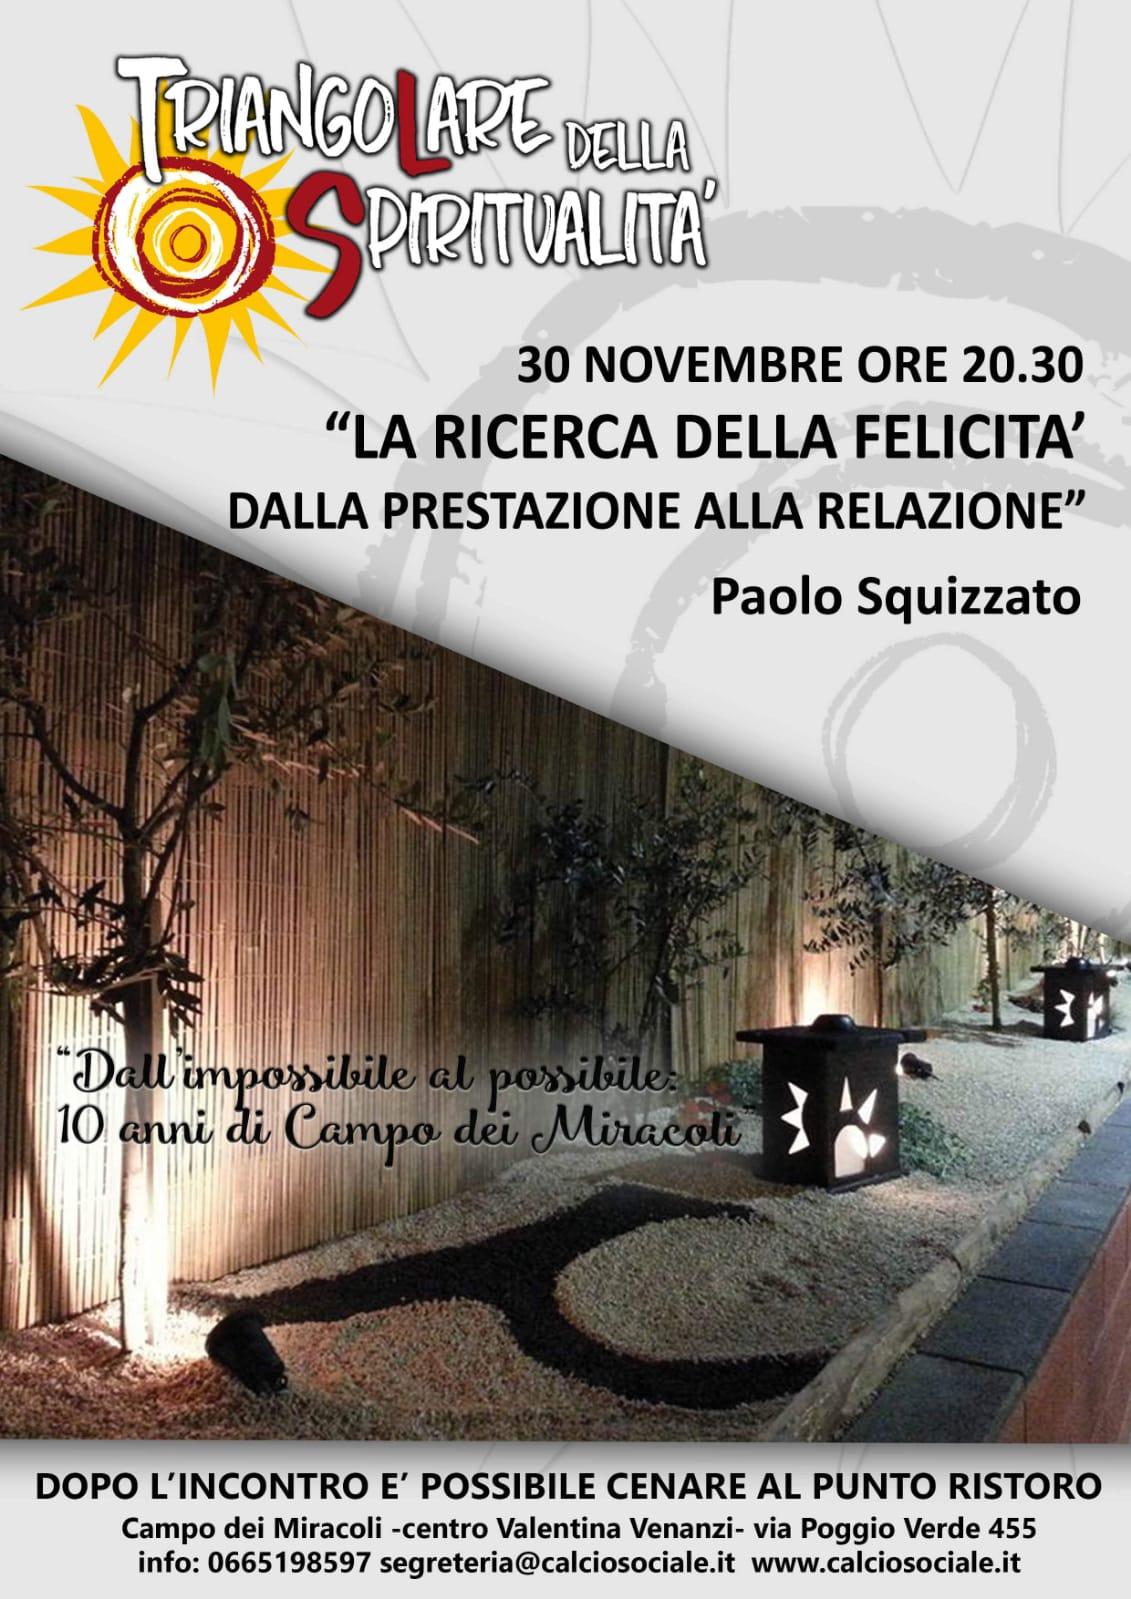 """Triangolare della Spiritualità di Calcio Sociale, la ricerca della felicità"""" con Paolo Scquizzato – venerdì 30 novembre ore20.30"""